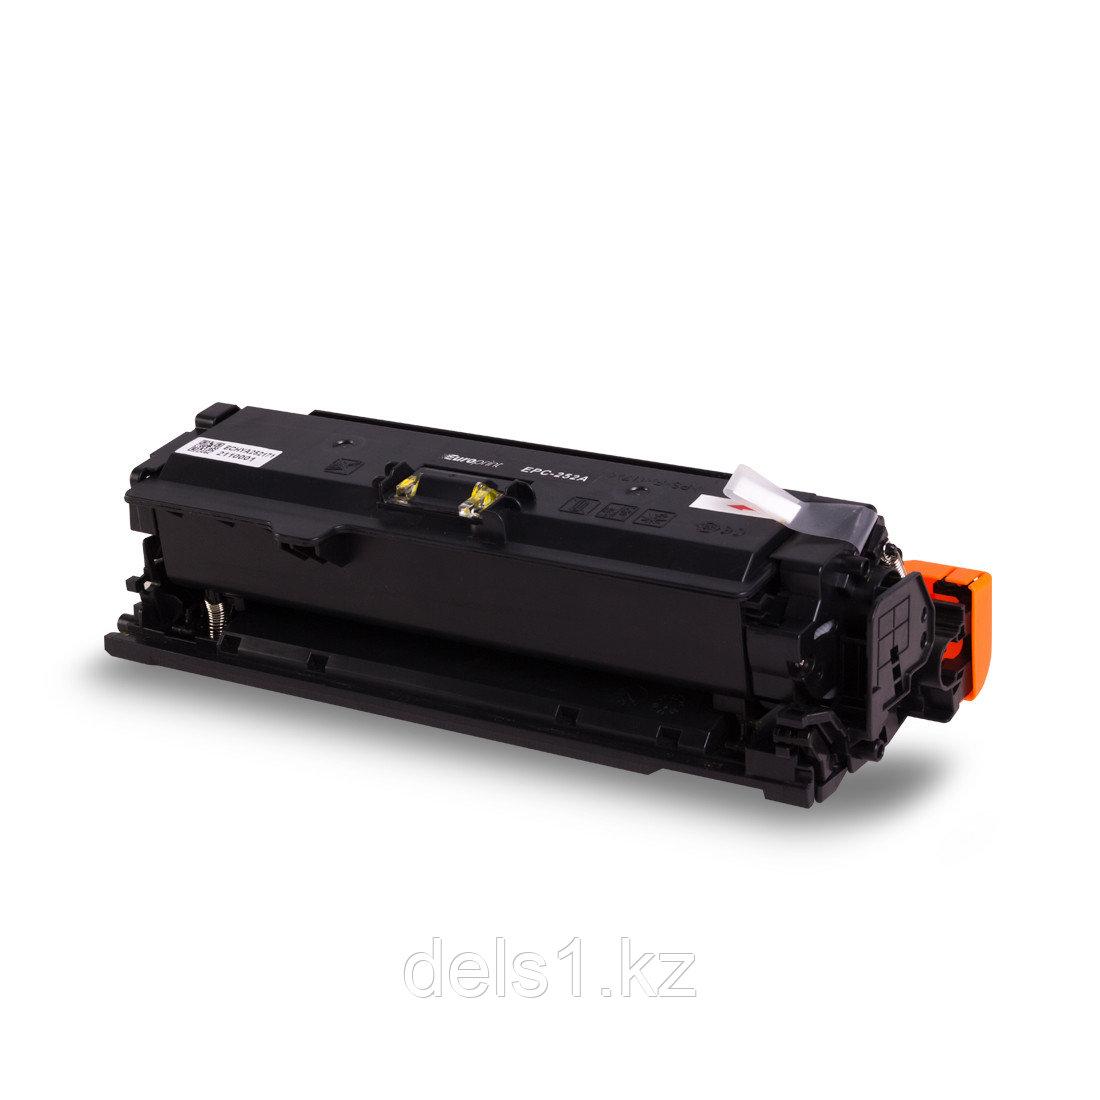 Картридж, Europrint, EPC-252A, Жёлтый, Для принтеров HP Color LaserJet CP3525/CM3530, 7000 страниц.